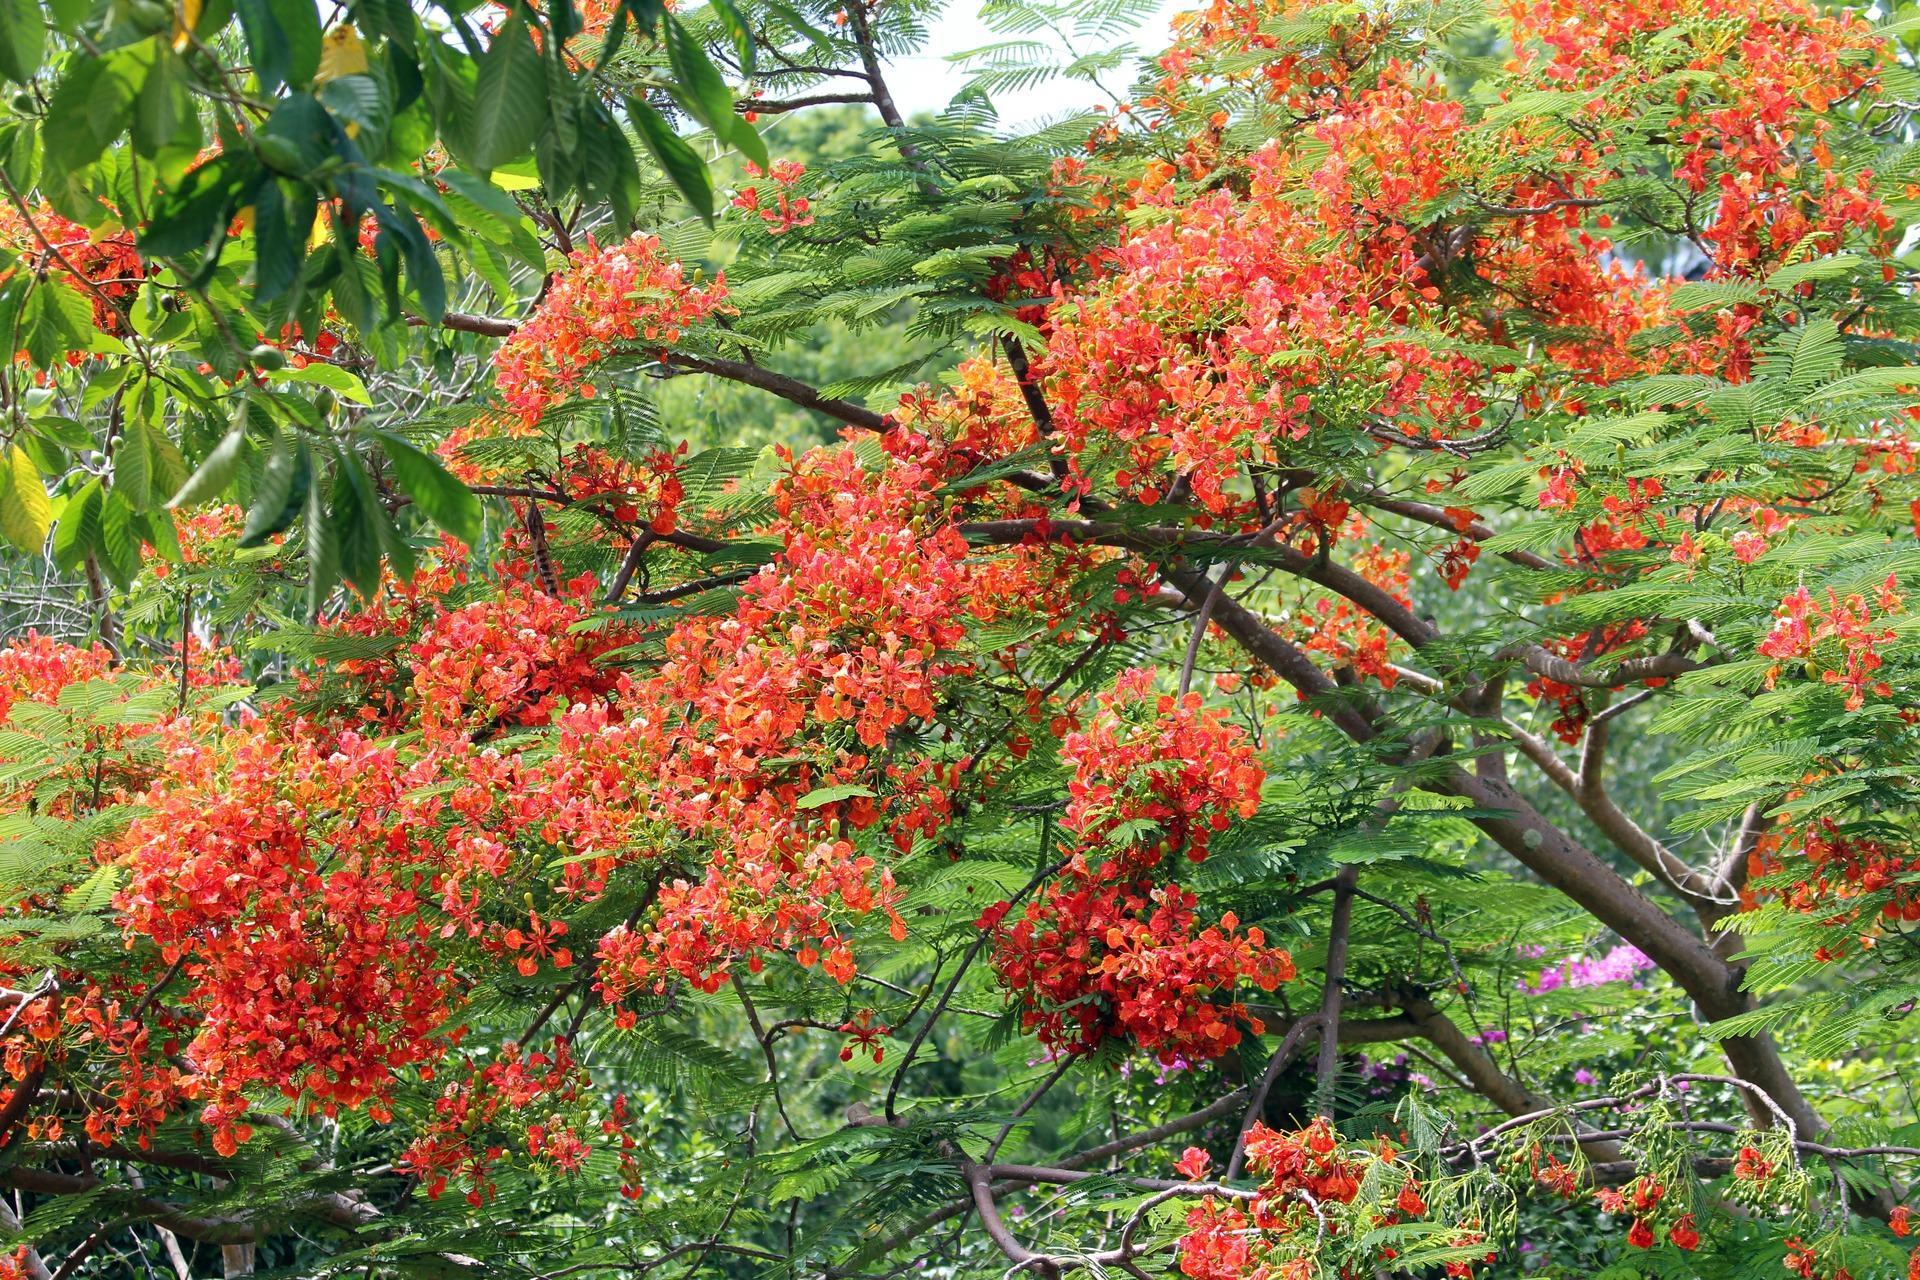 Rote Blumen auf grüne Bäume, Hintergrund